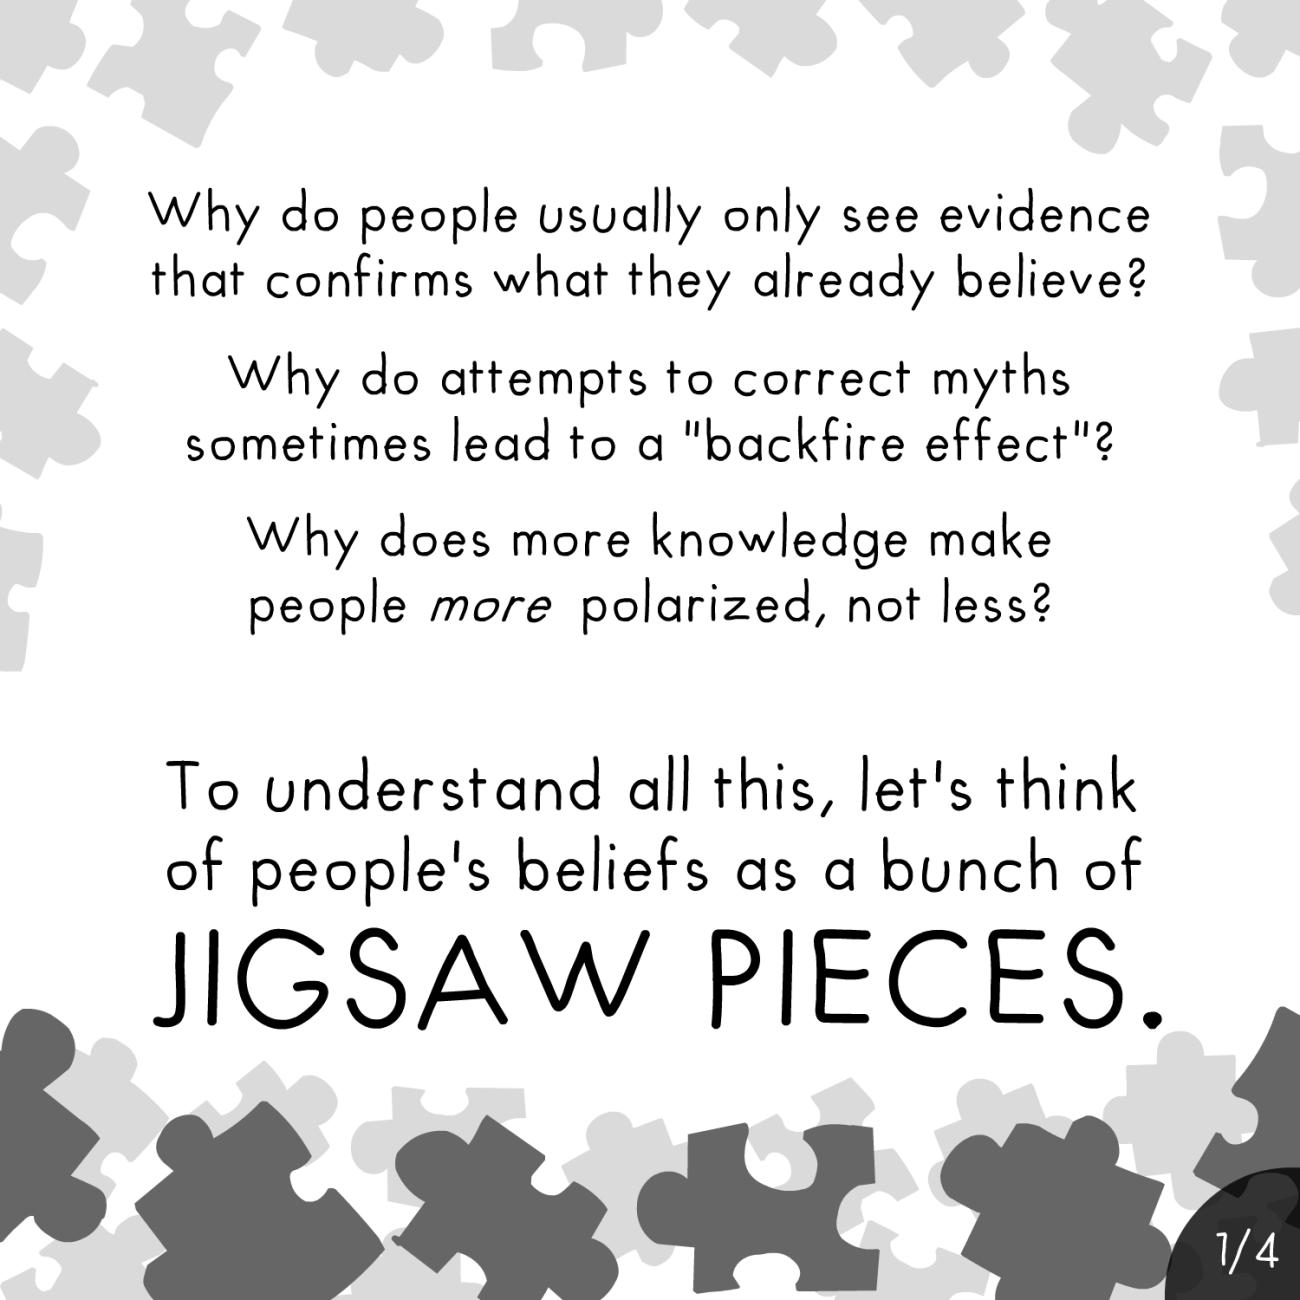 NickyCaseJigsawPuzzles